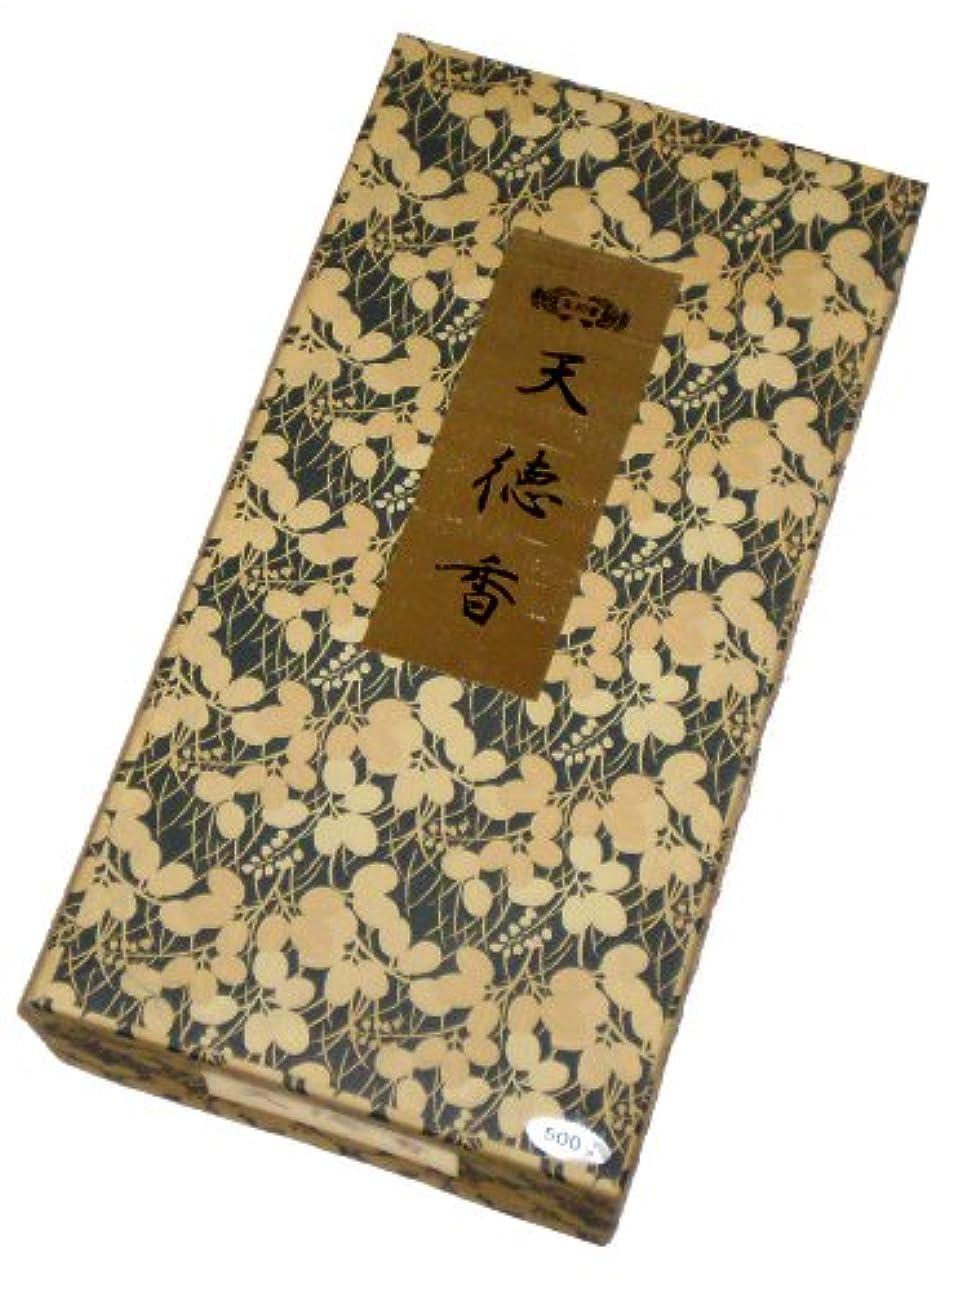 反対した送った採用する玉初堂のお香 天徳香 500g #651